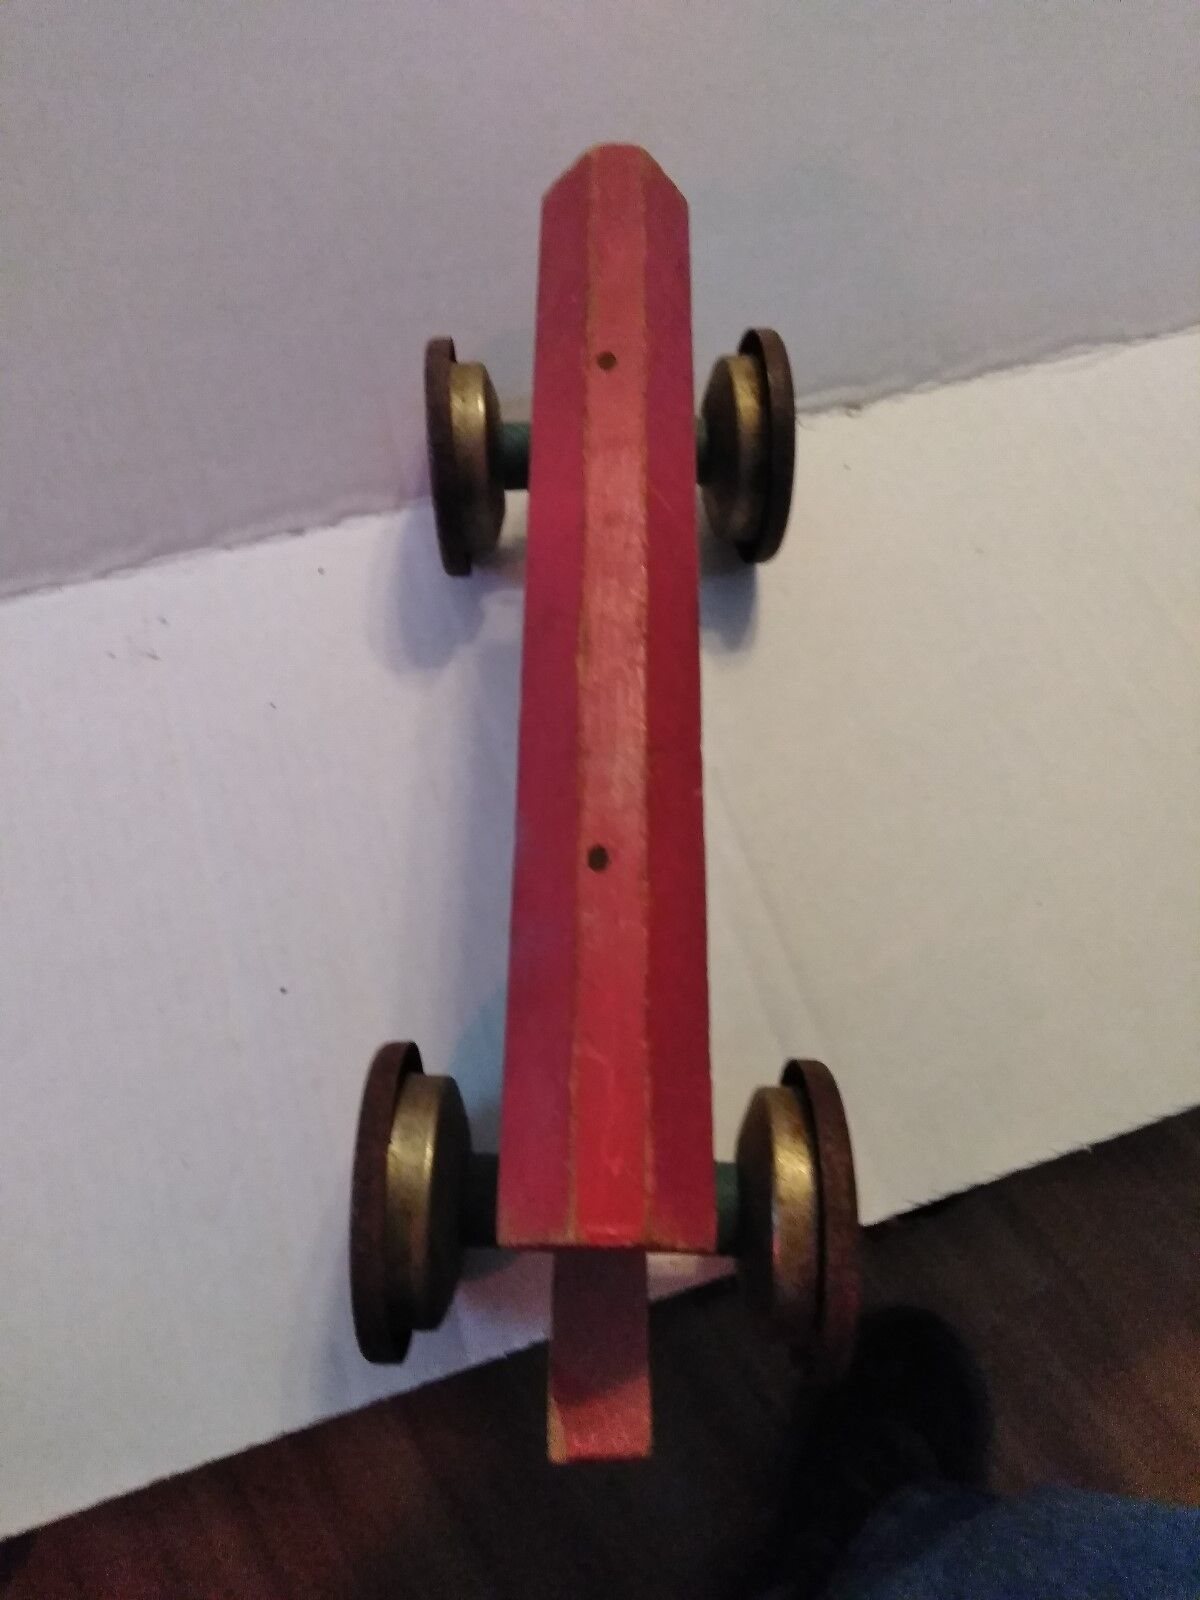 Gong Campana Noah's Ark Mfg Co  231 Tire De Juguete Década de 1940-Vintage Madera Tin gran forma.